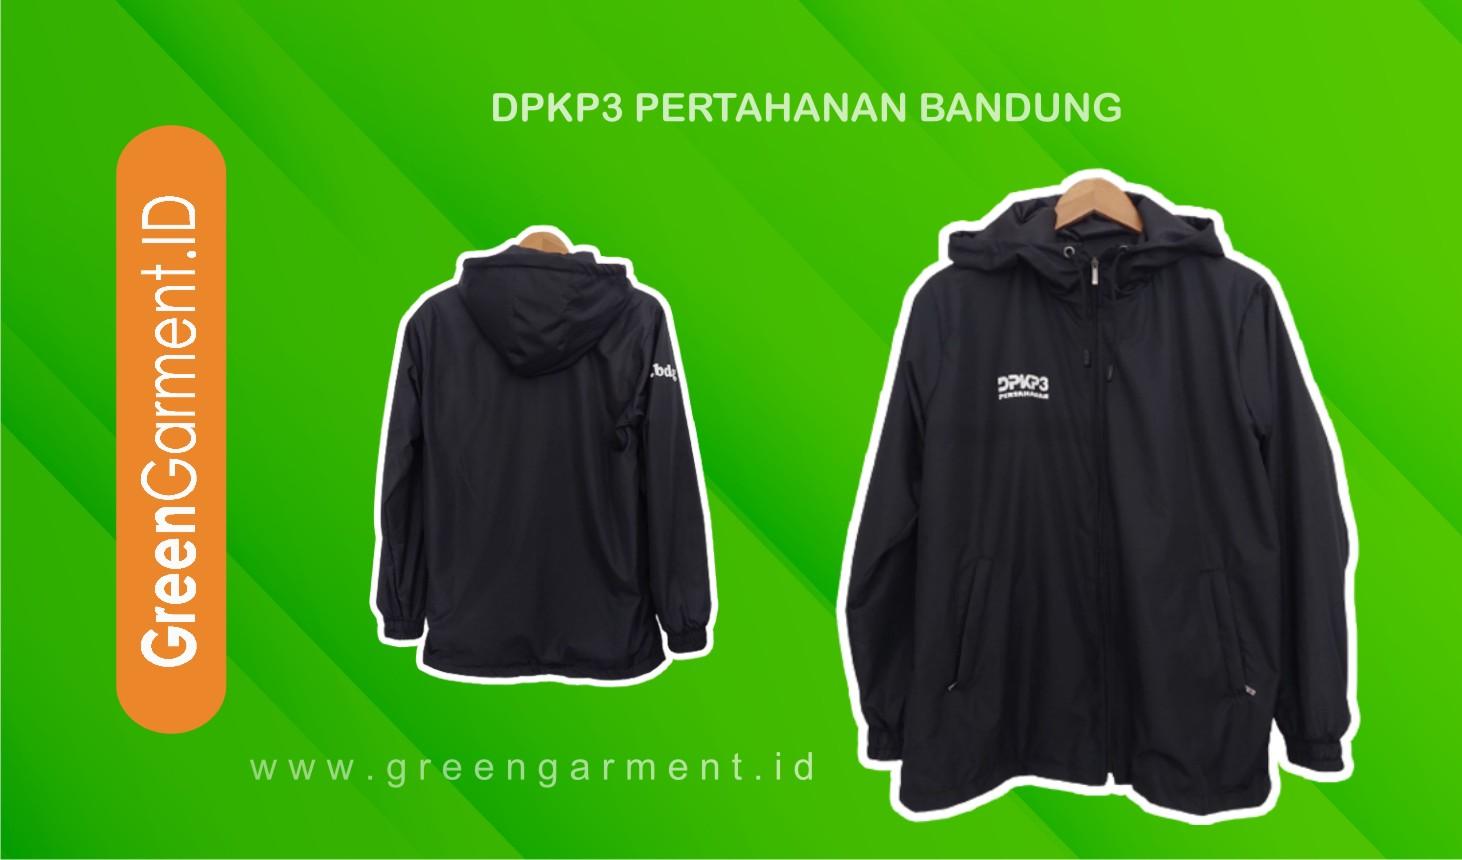 DPKP3 Pertahanan Bandung